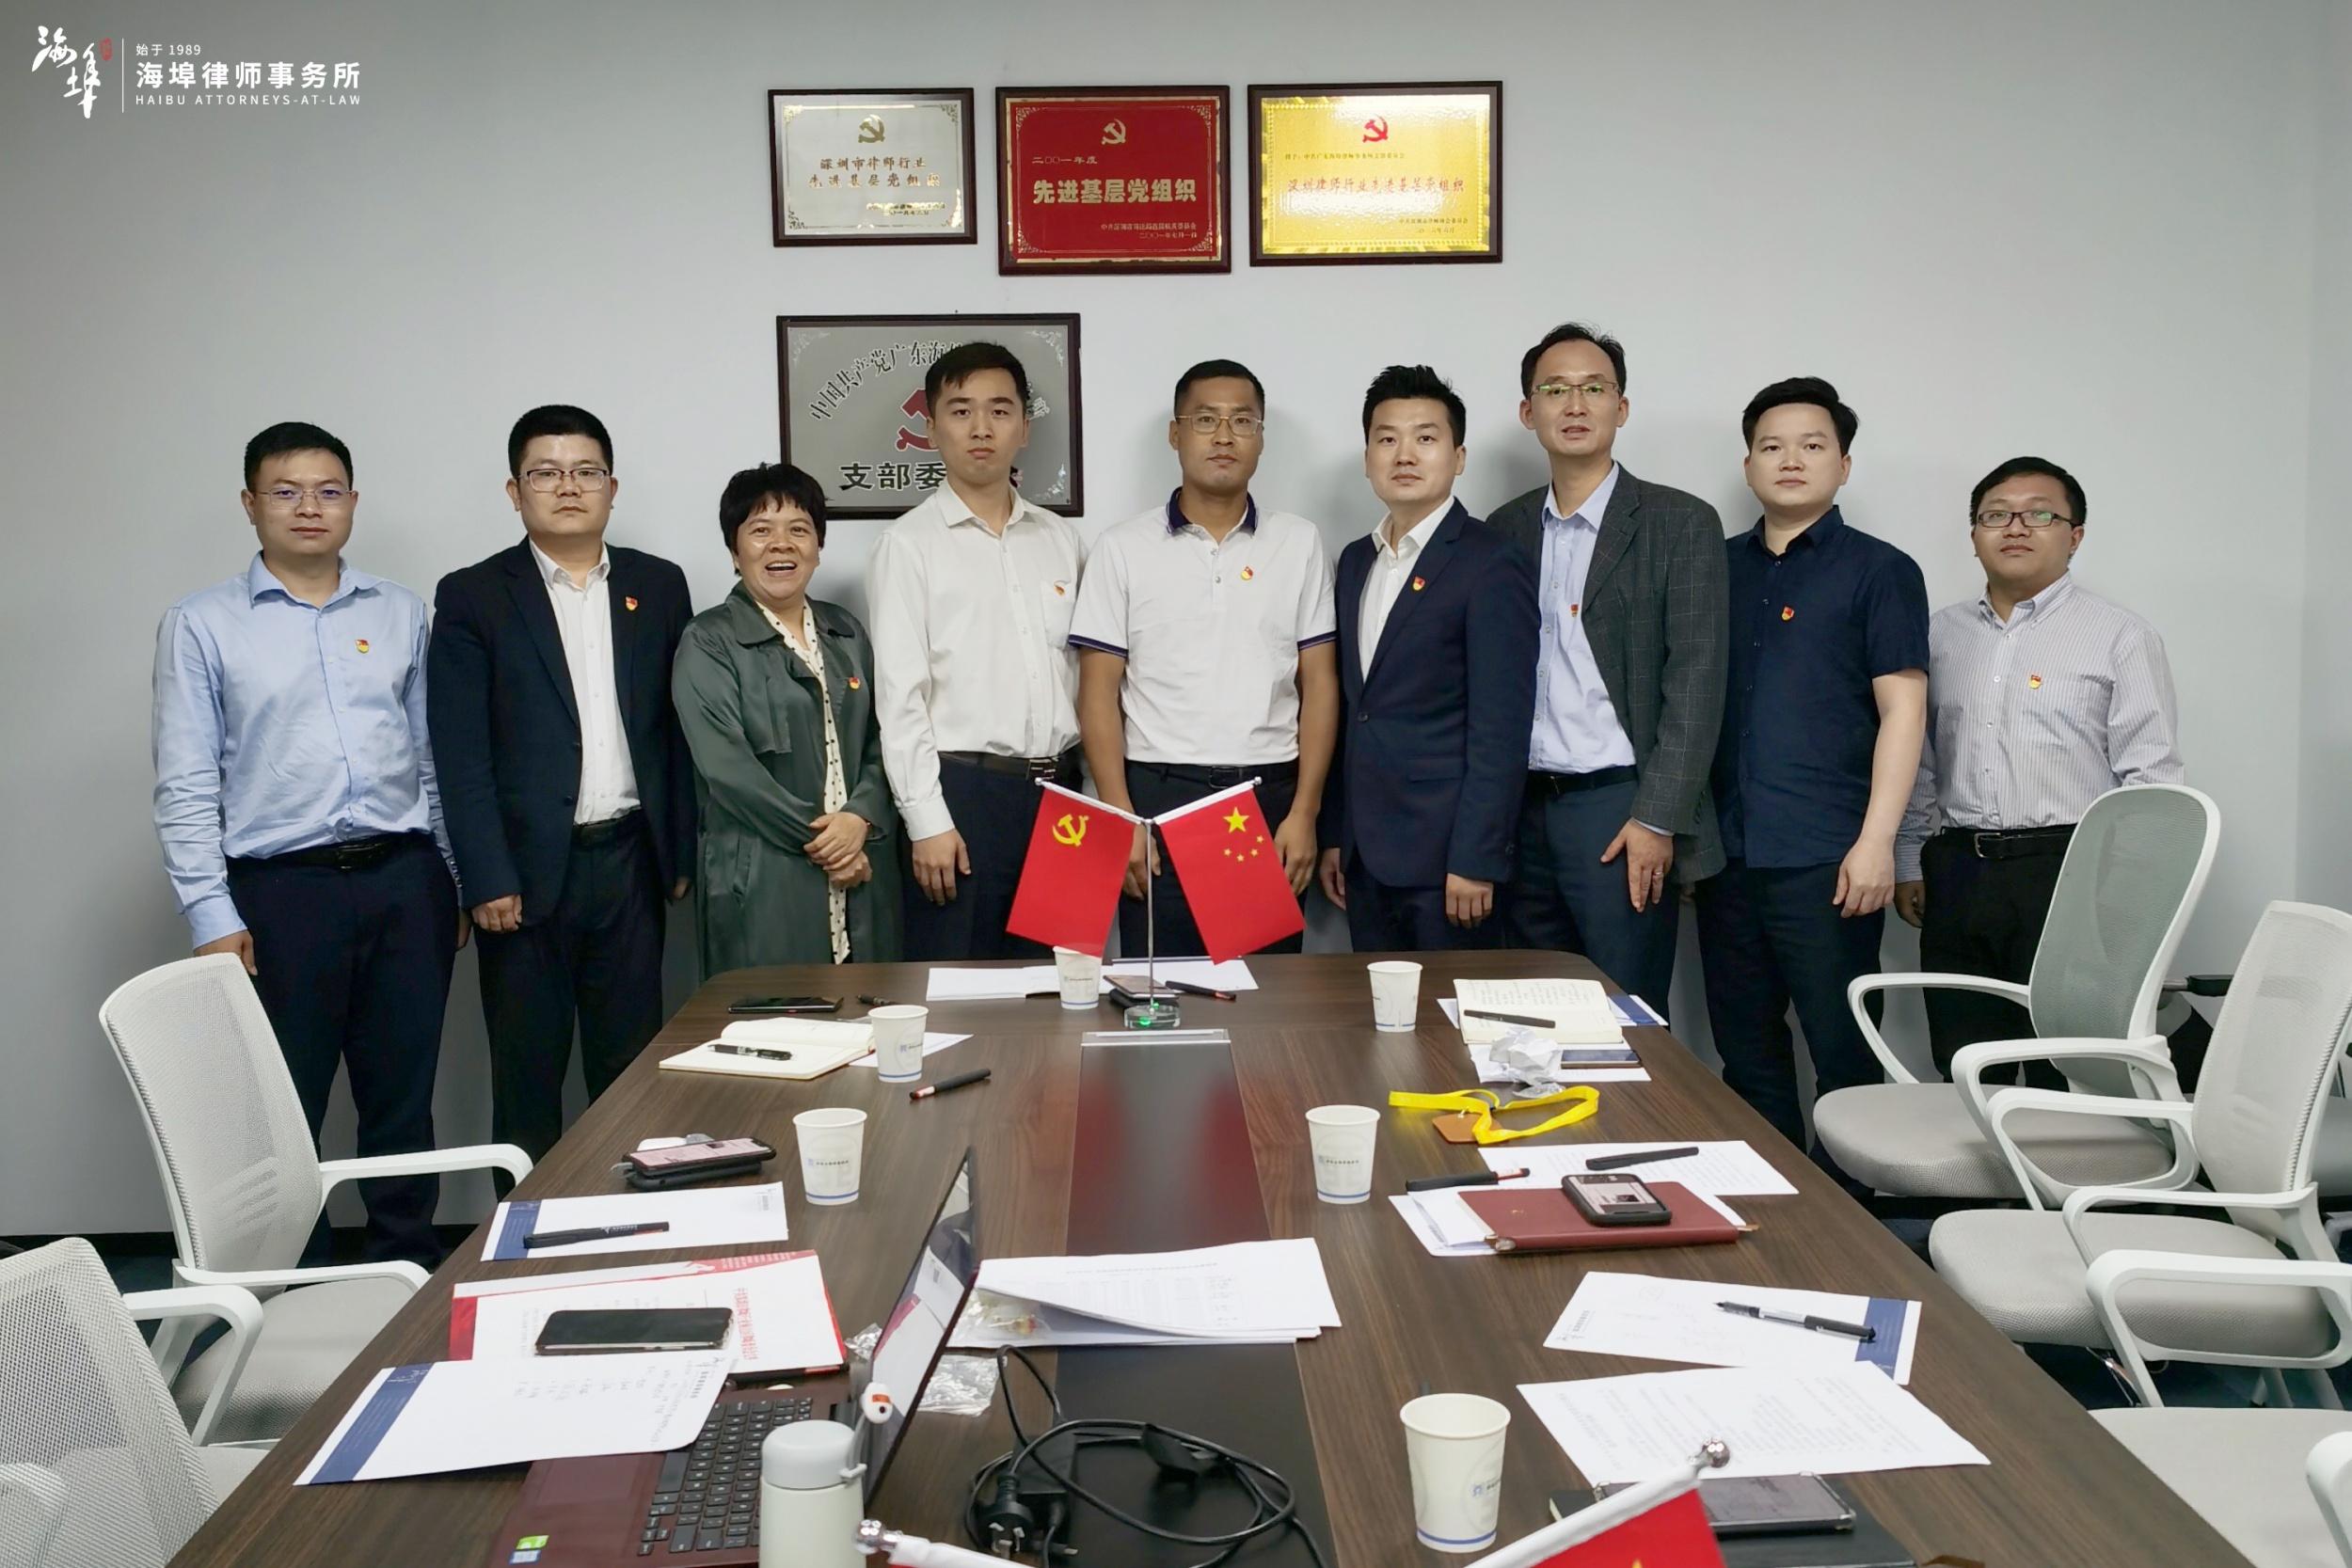 海埠党建 | 党组织生活会和民主评议党员大会顺利召开